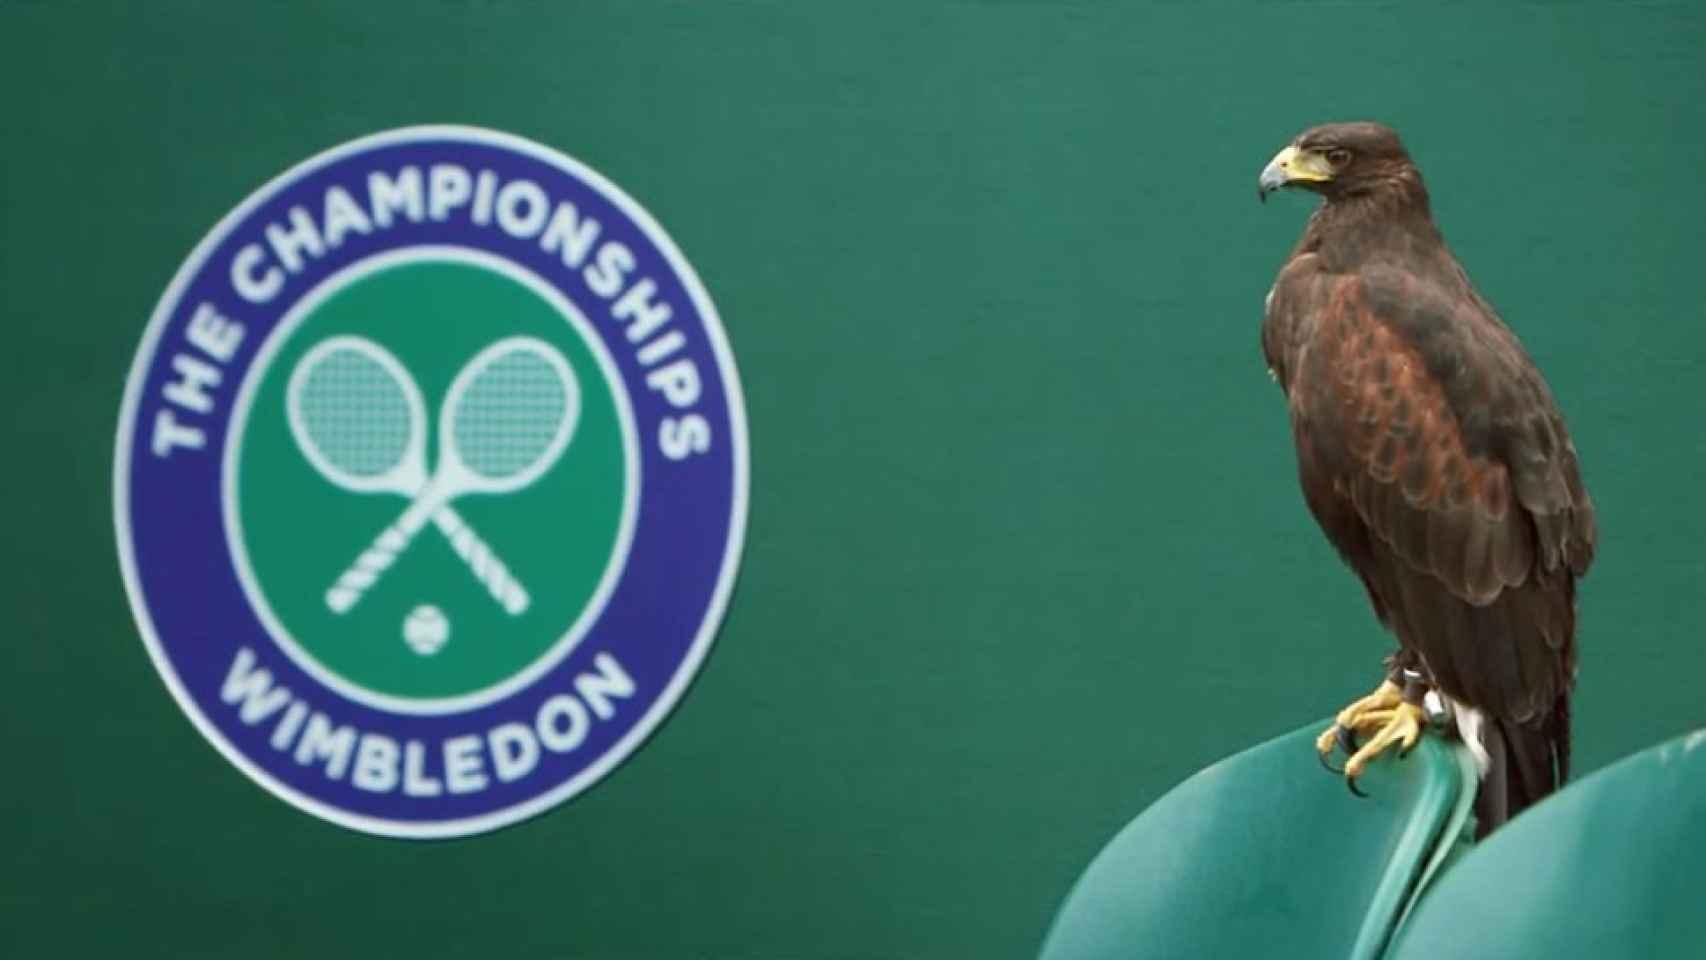 El halcón que protege Wimbledon de las palomas.